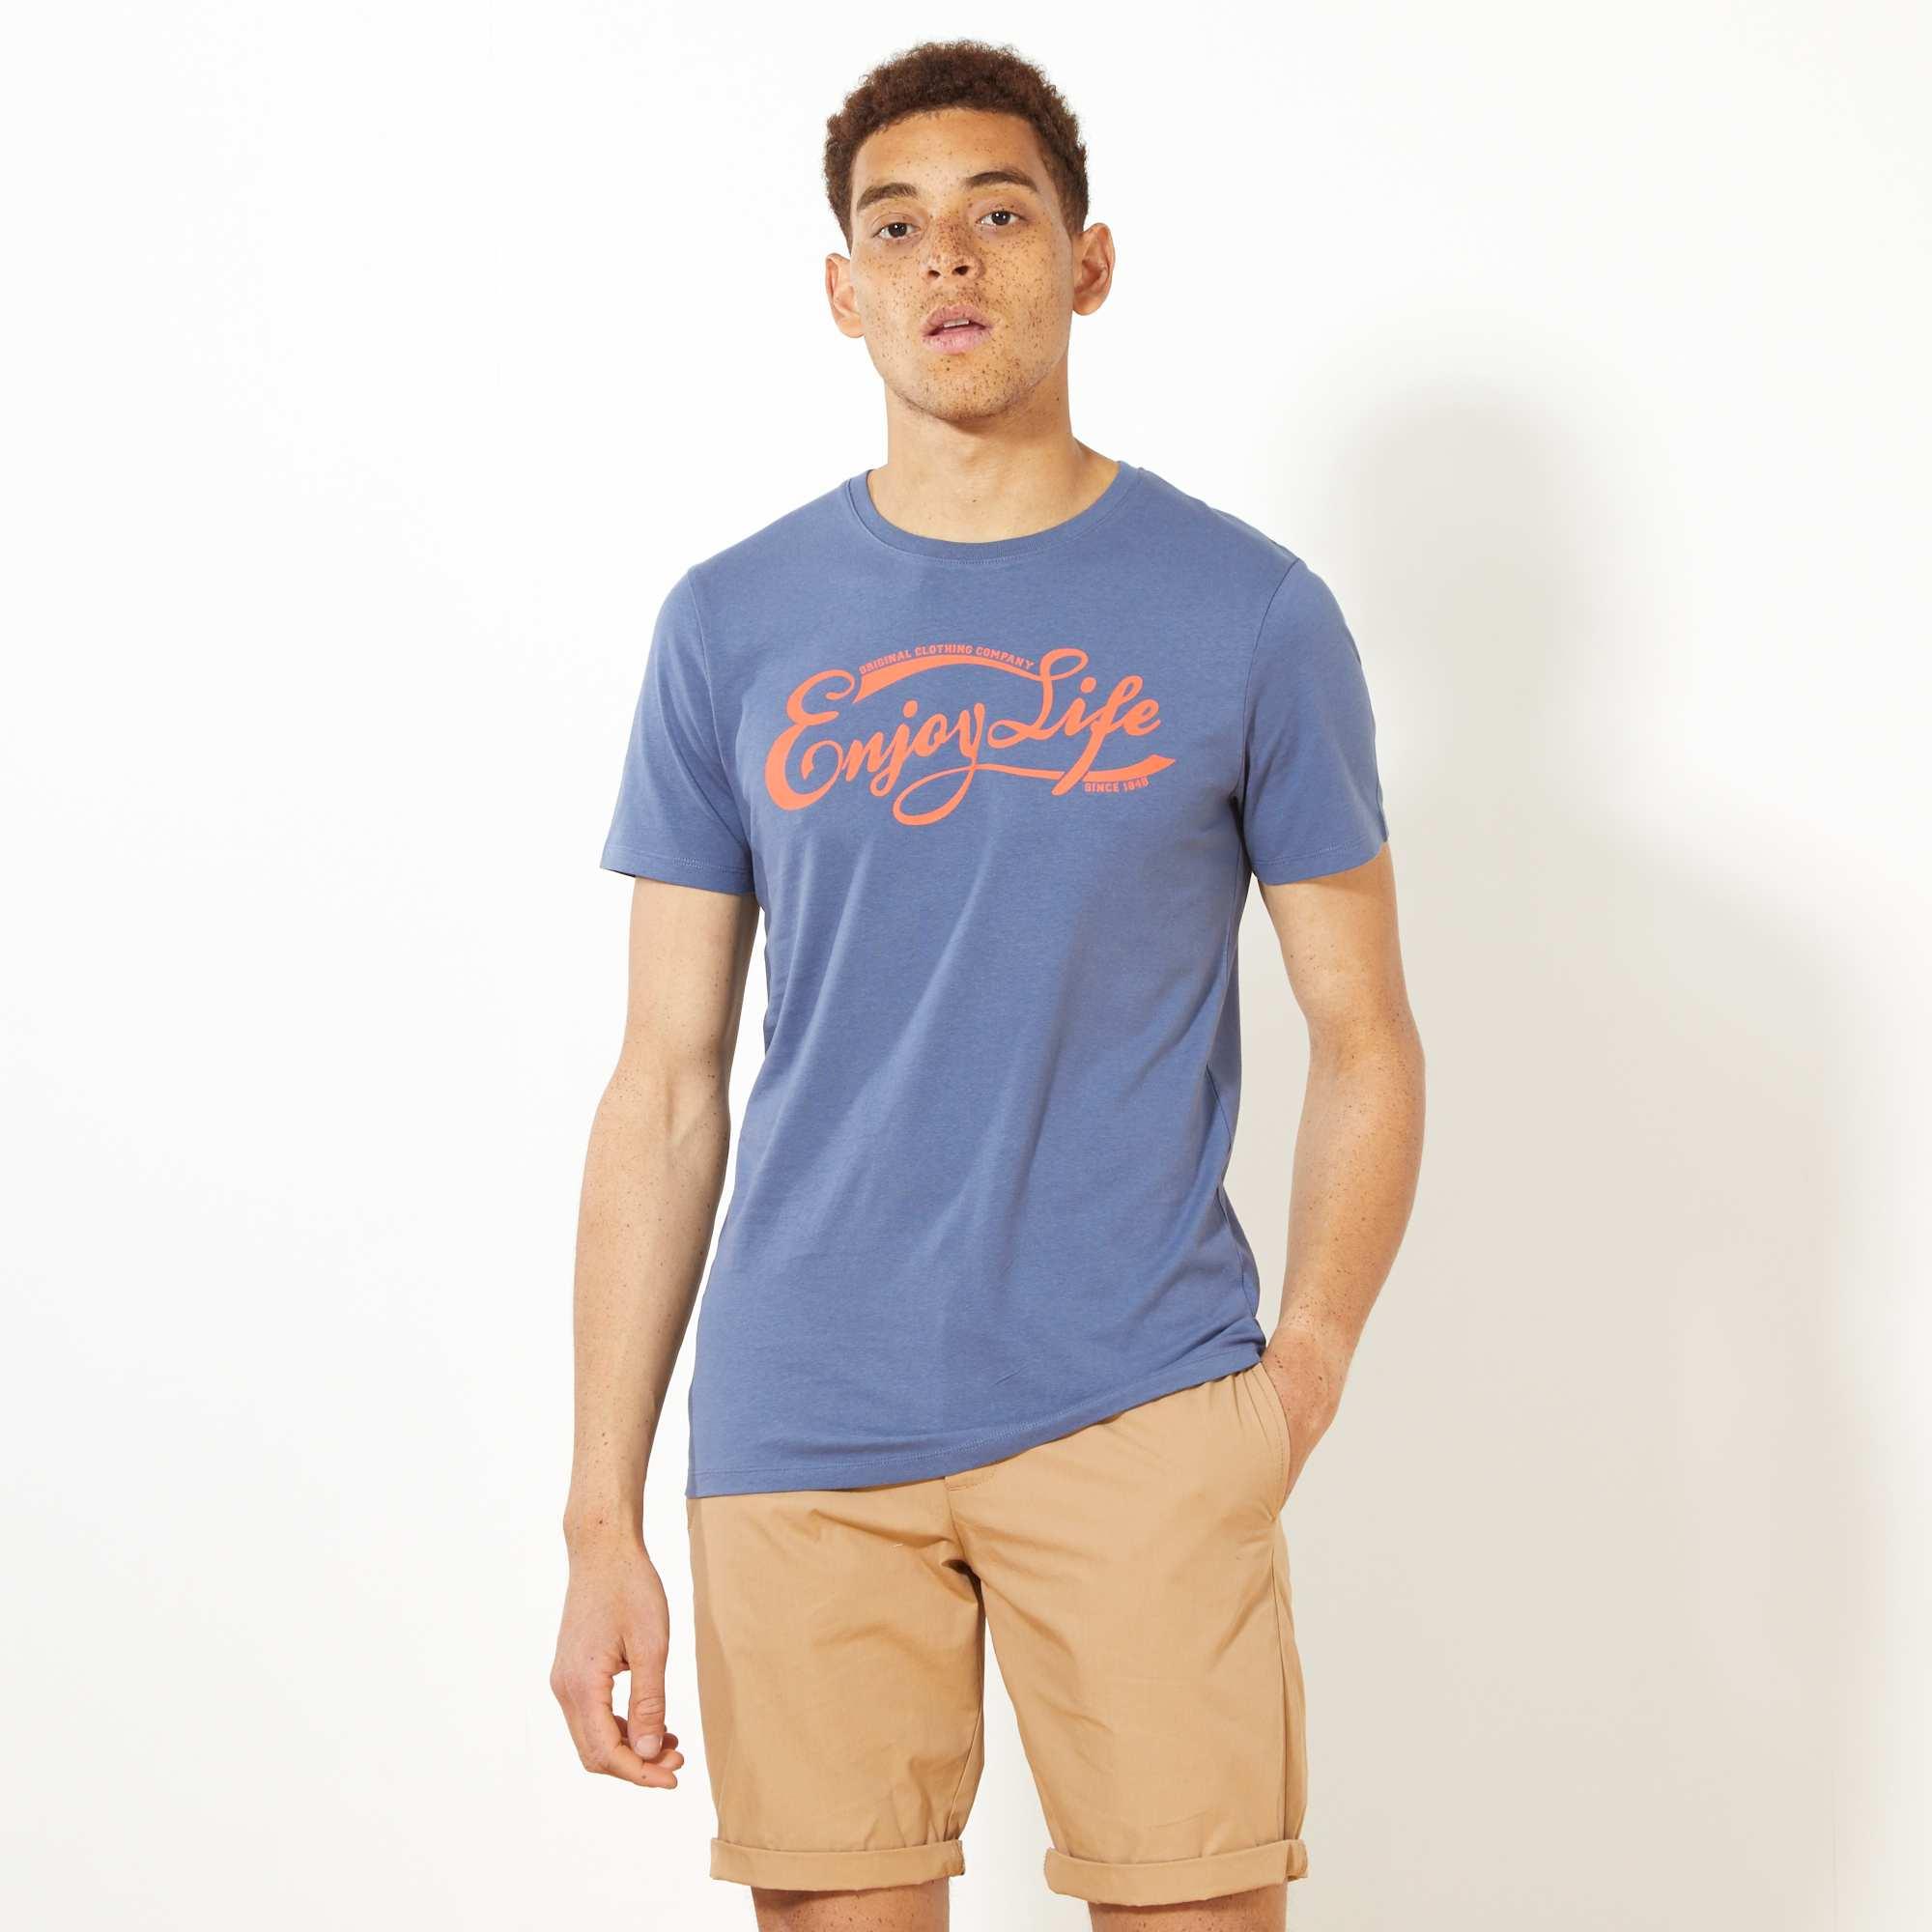 Couleur : bleu, écru, ,, - Taille : XXL, M, L,S,XLEsprit campus américain rétro avec l'imprimé de ce tee-shirt ajusté. - Tee-shirt en